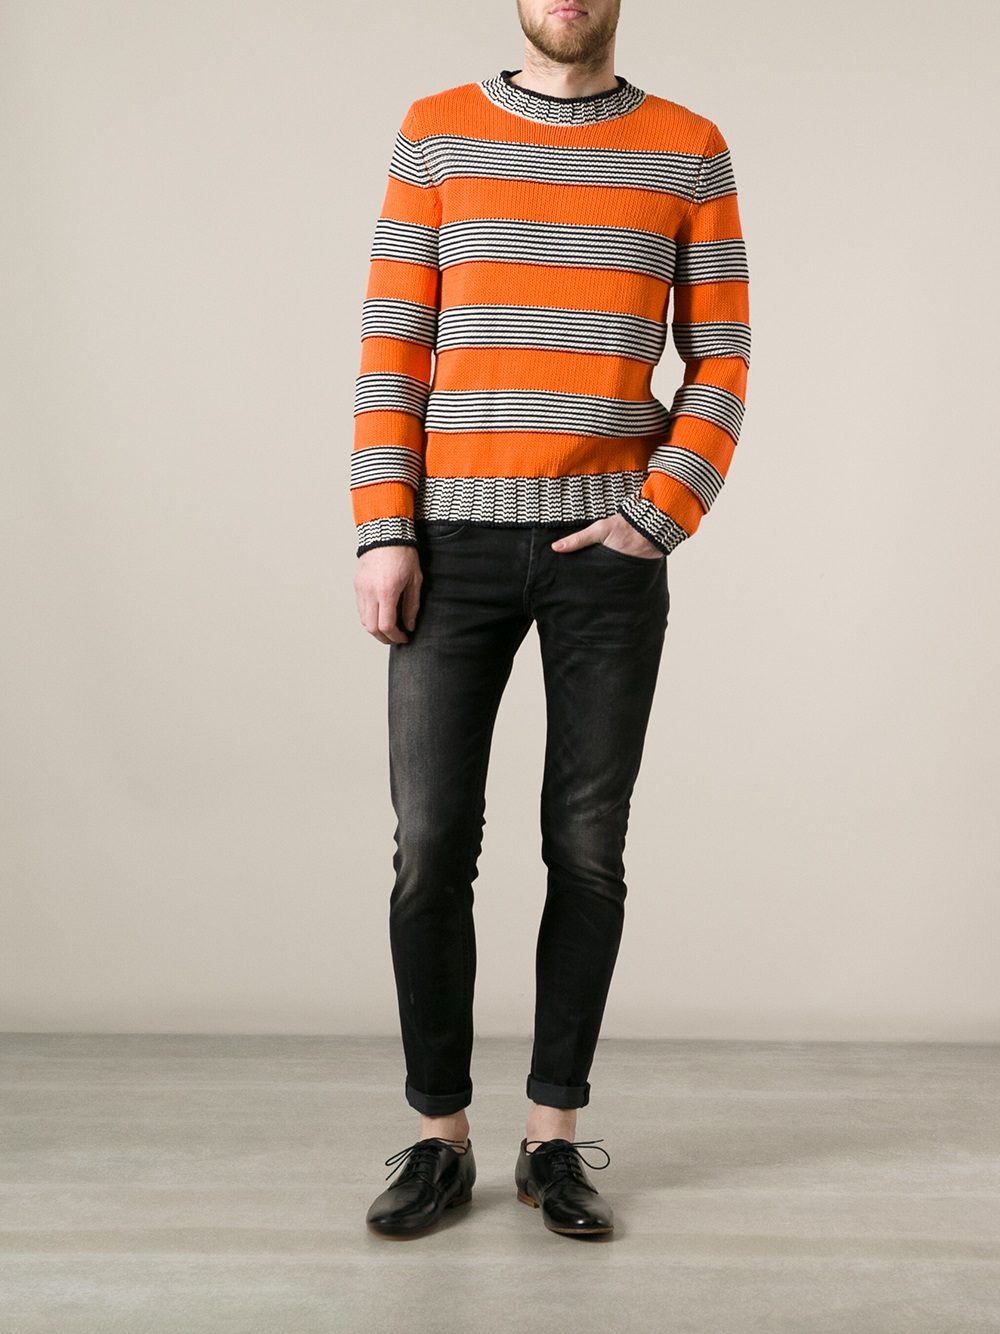 Dondup Striped Sweater in Yellow & Orange (Orange) for Men